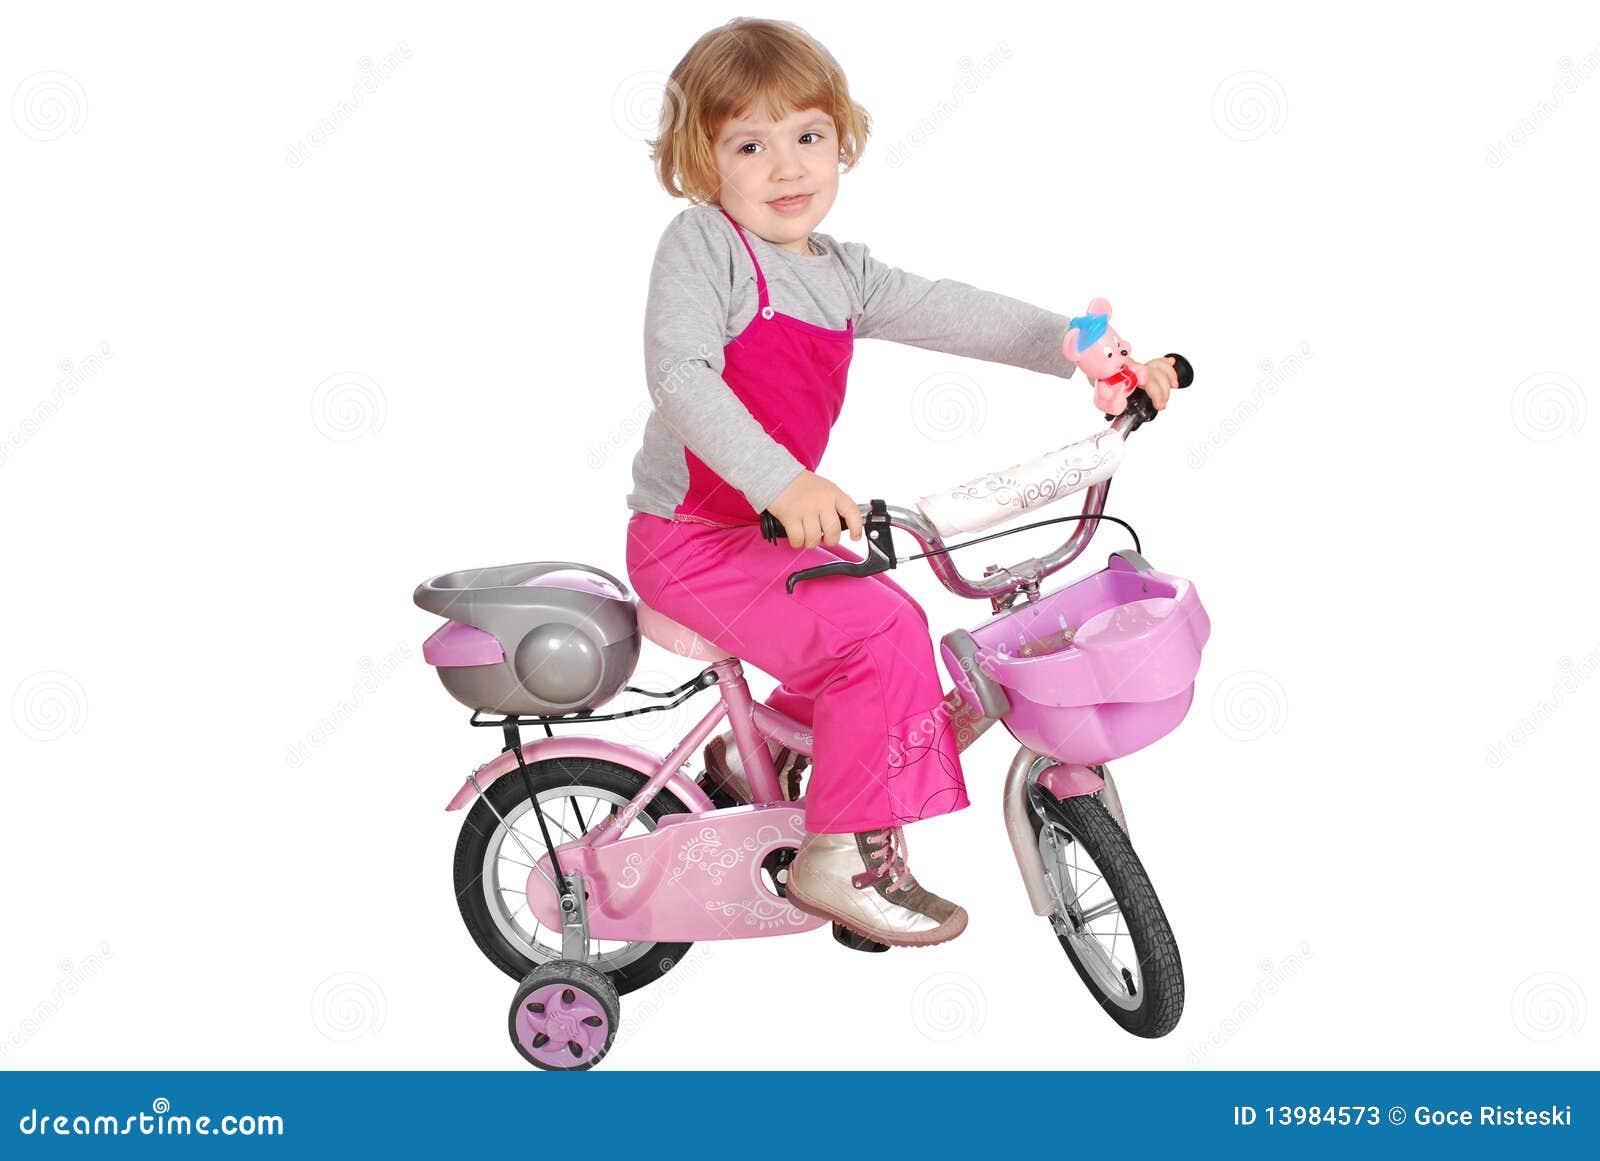 petite fille avec la bicyclette photos stock image 13984573. Black Bedroom Furniture Sets. Home Design Ideas